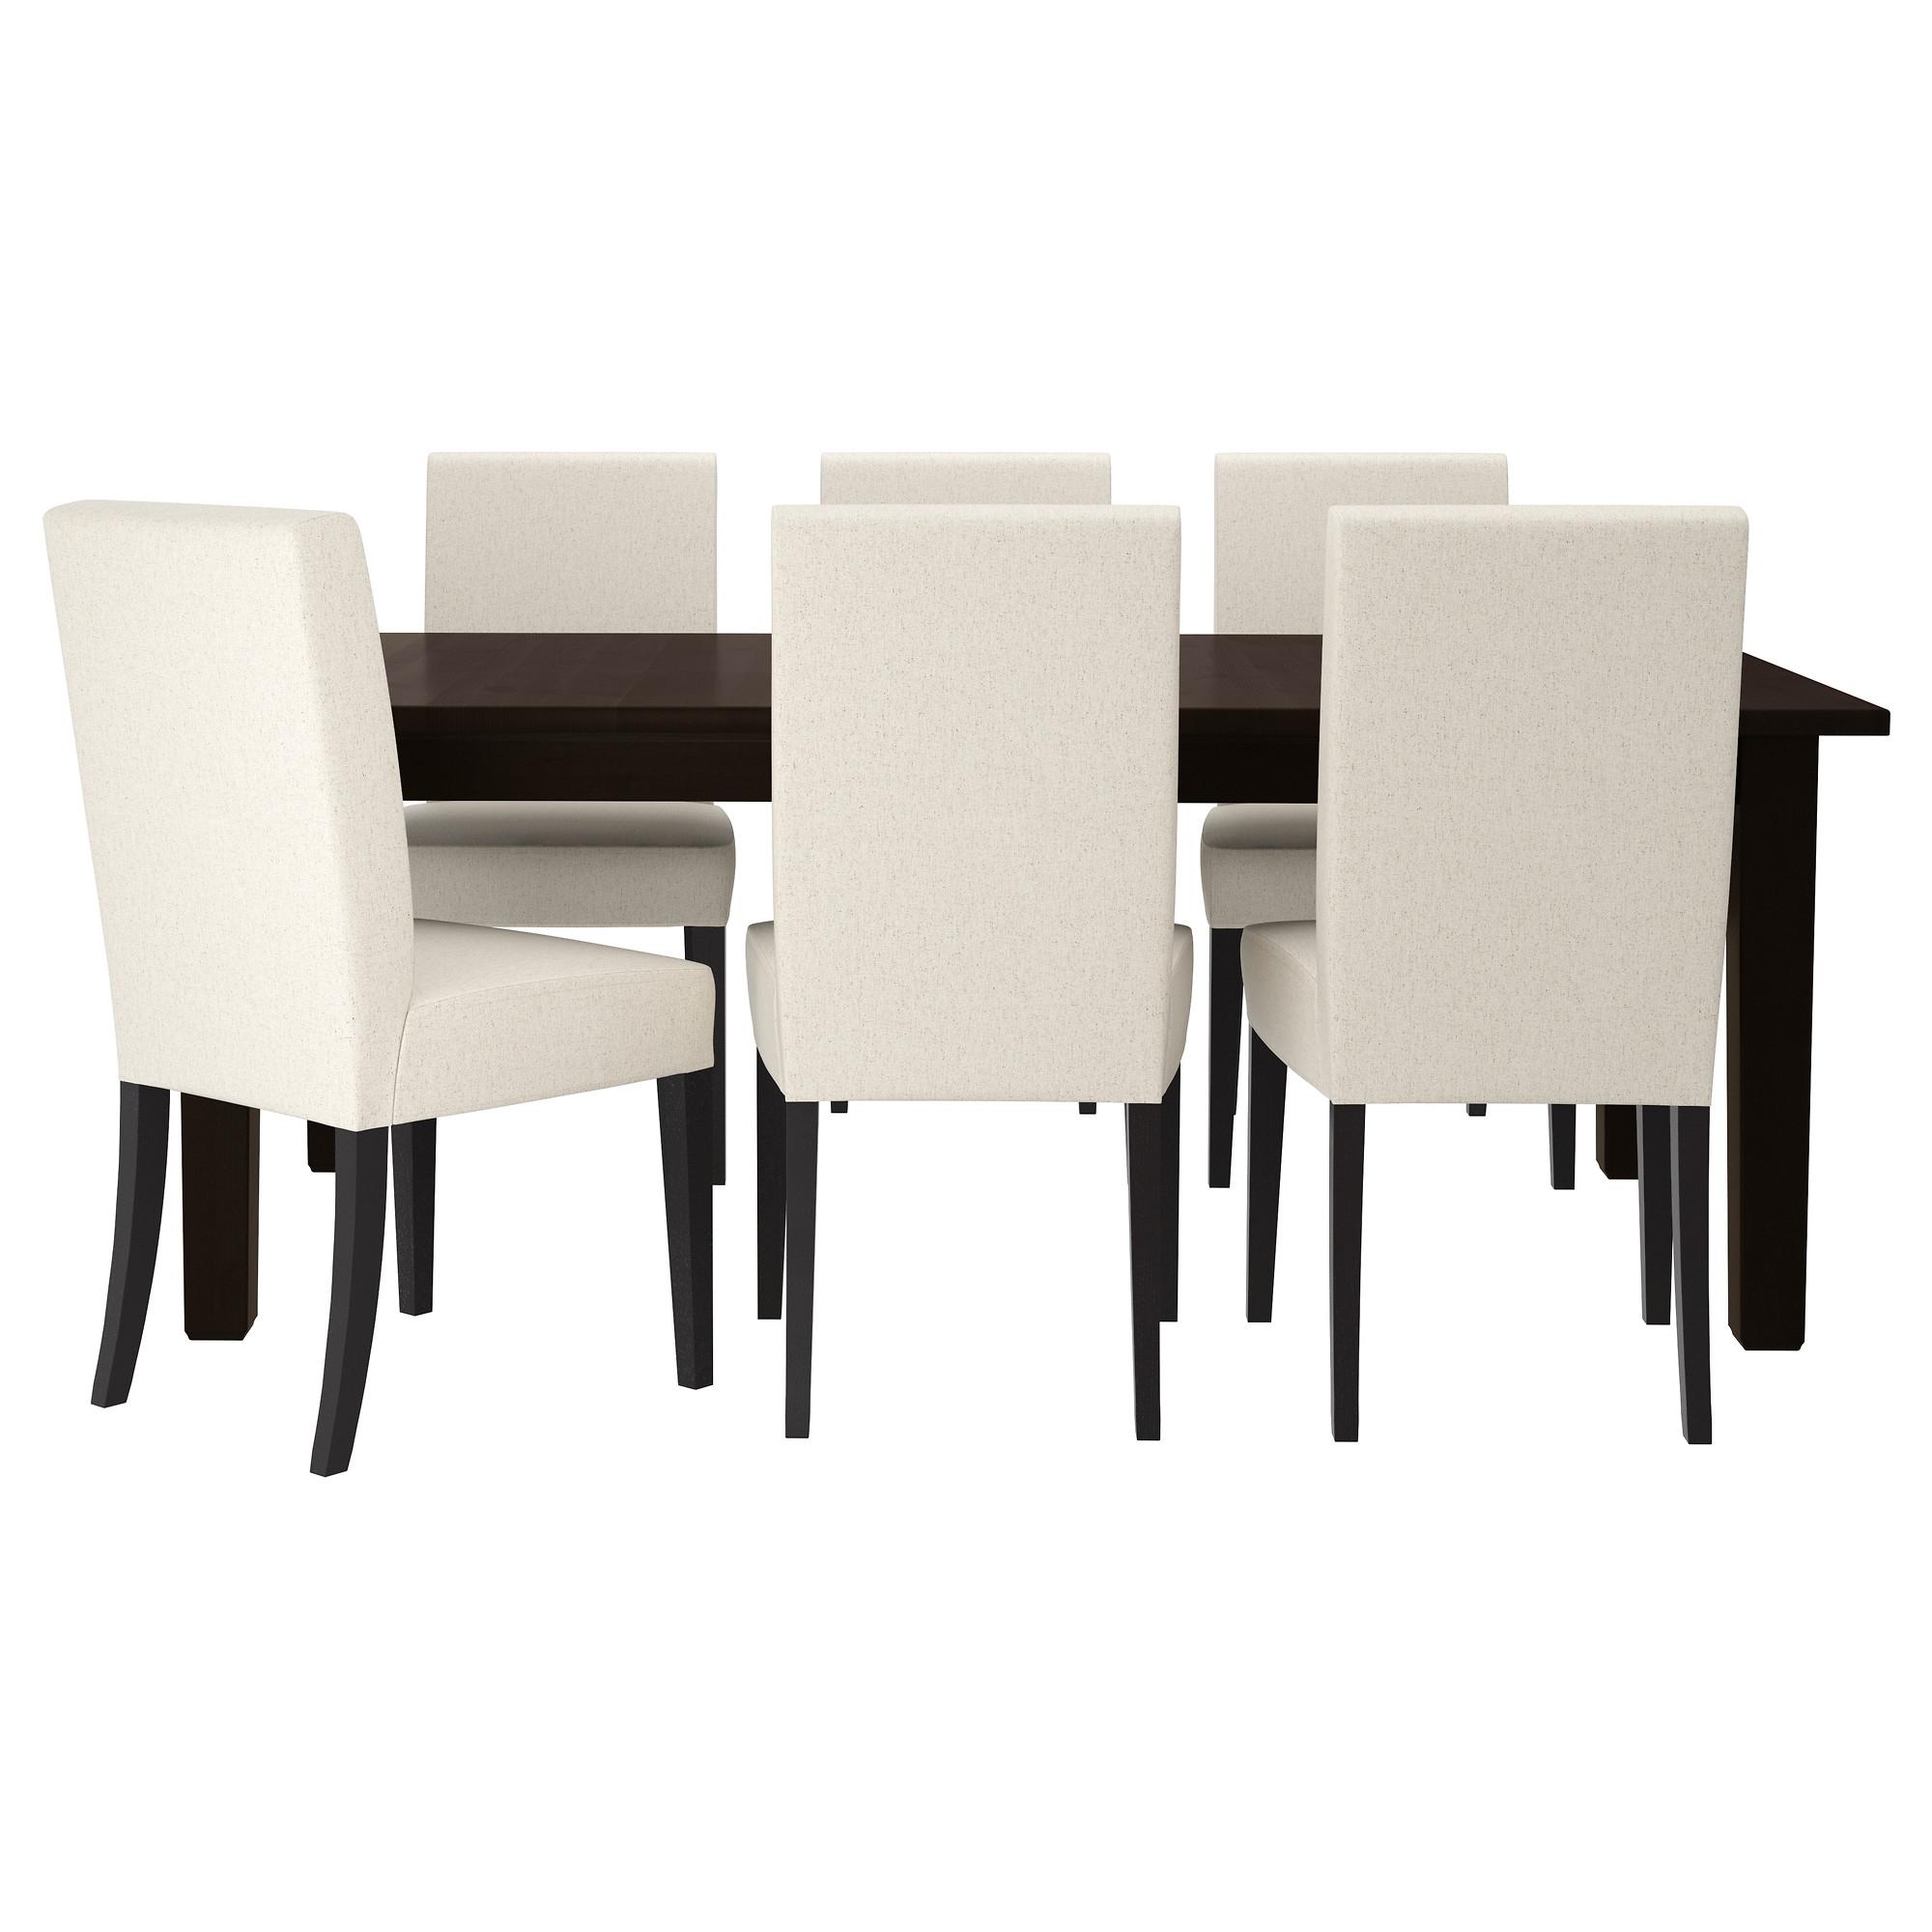 Storn s mesa con 6 sillas - Sillas con reposabrazos ikea ...